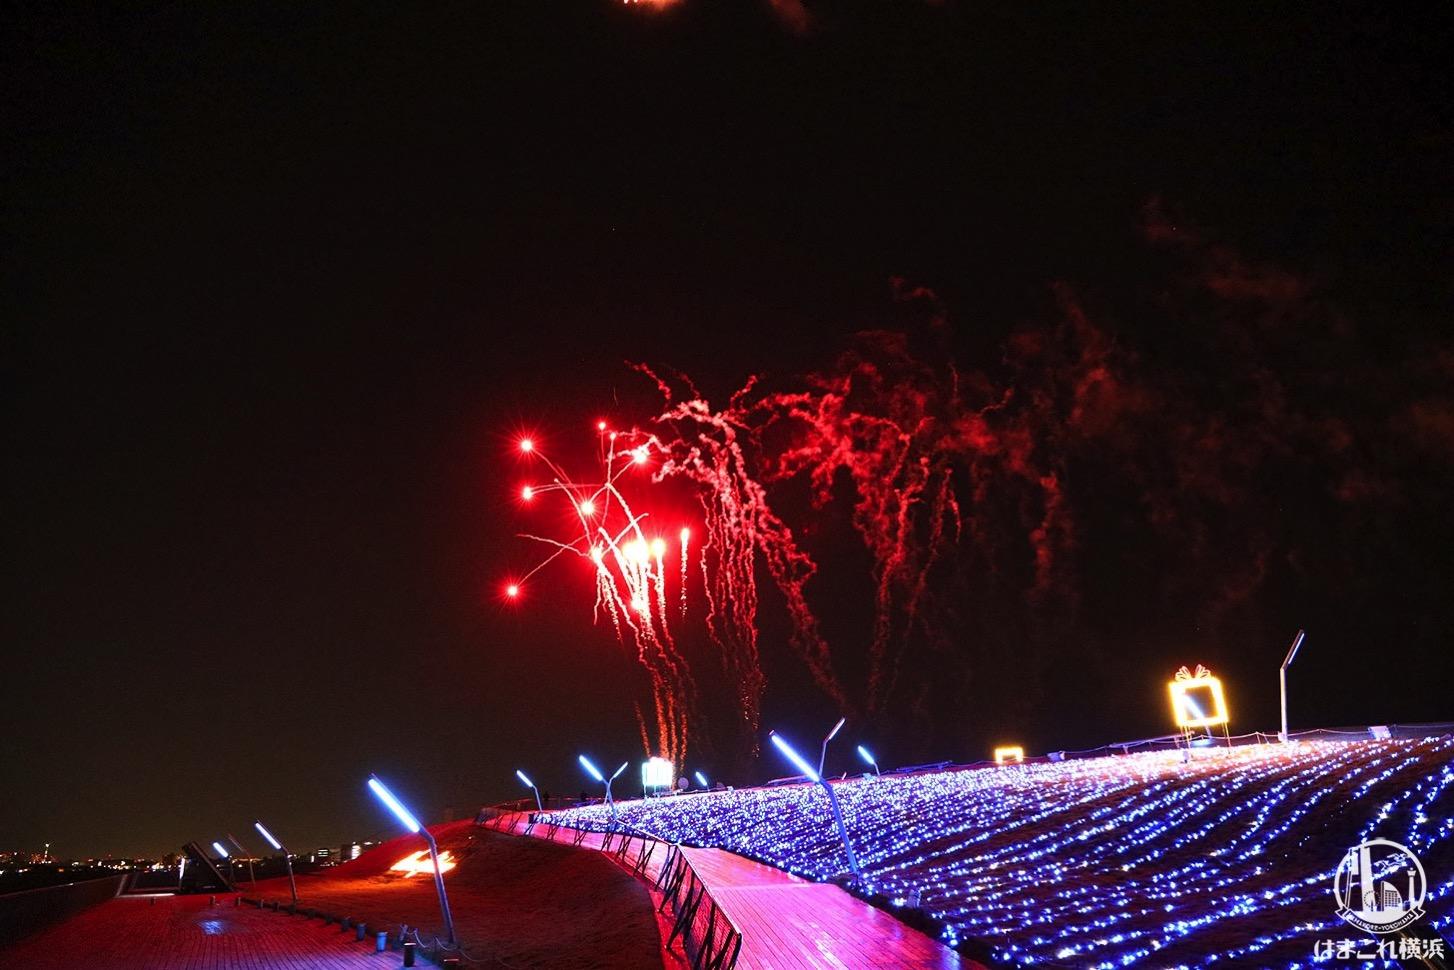 横浜港大さん橋の打ち上げ花火